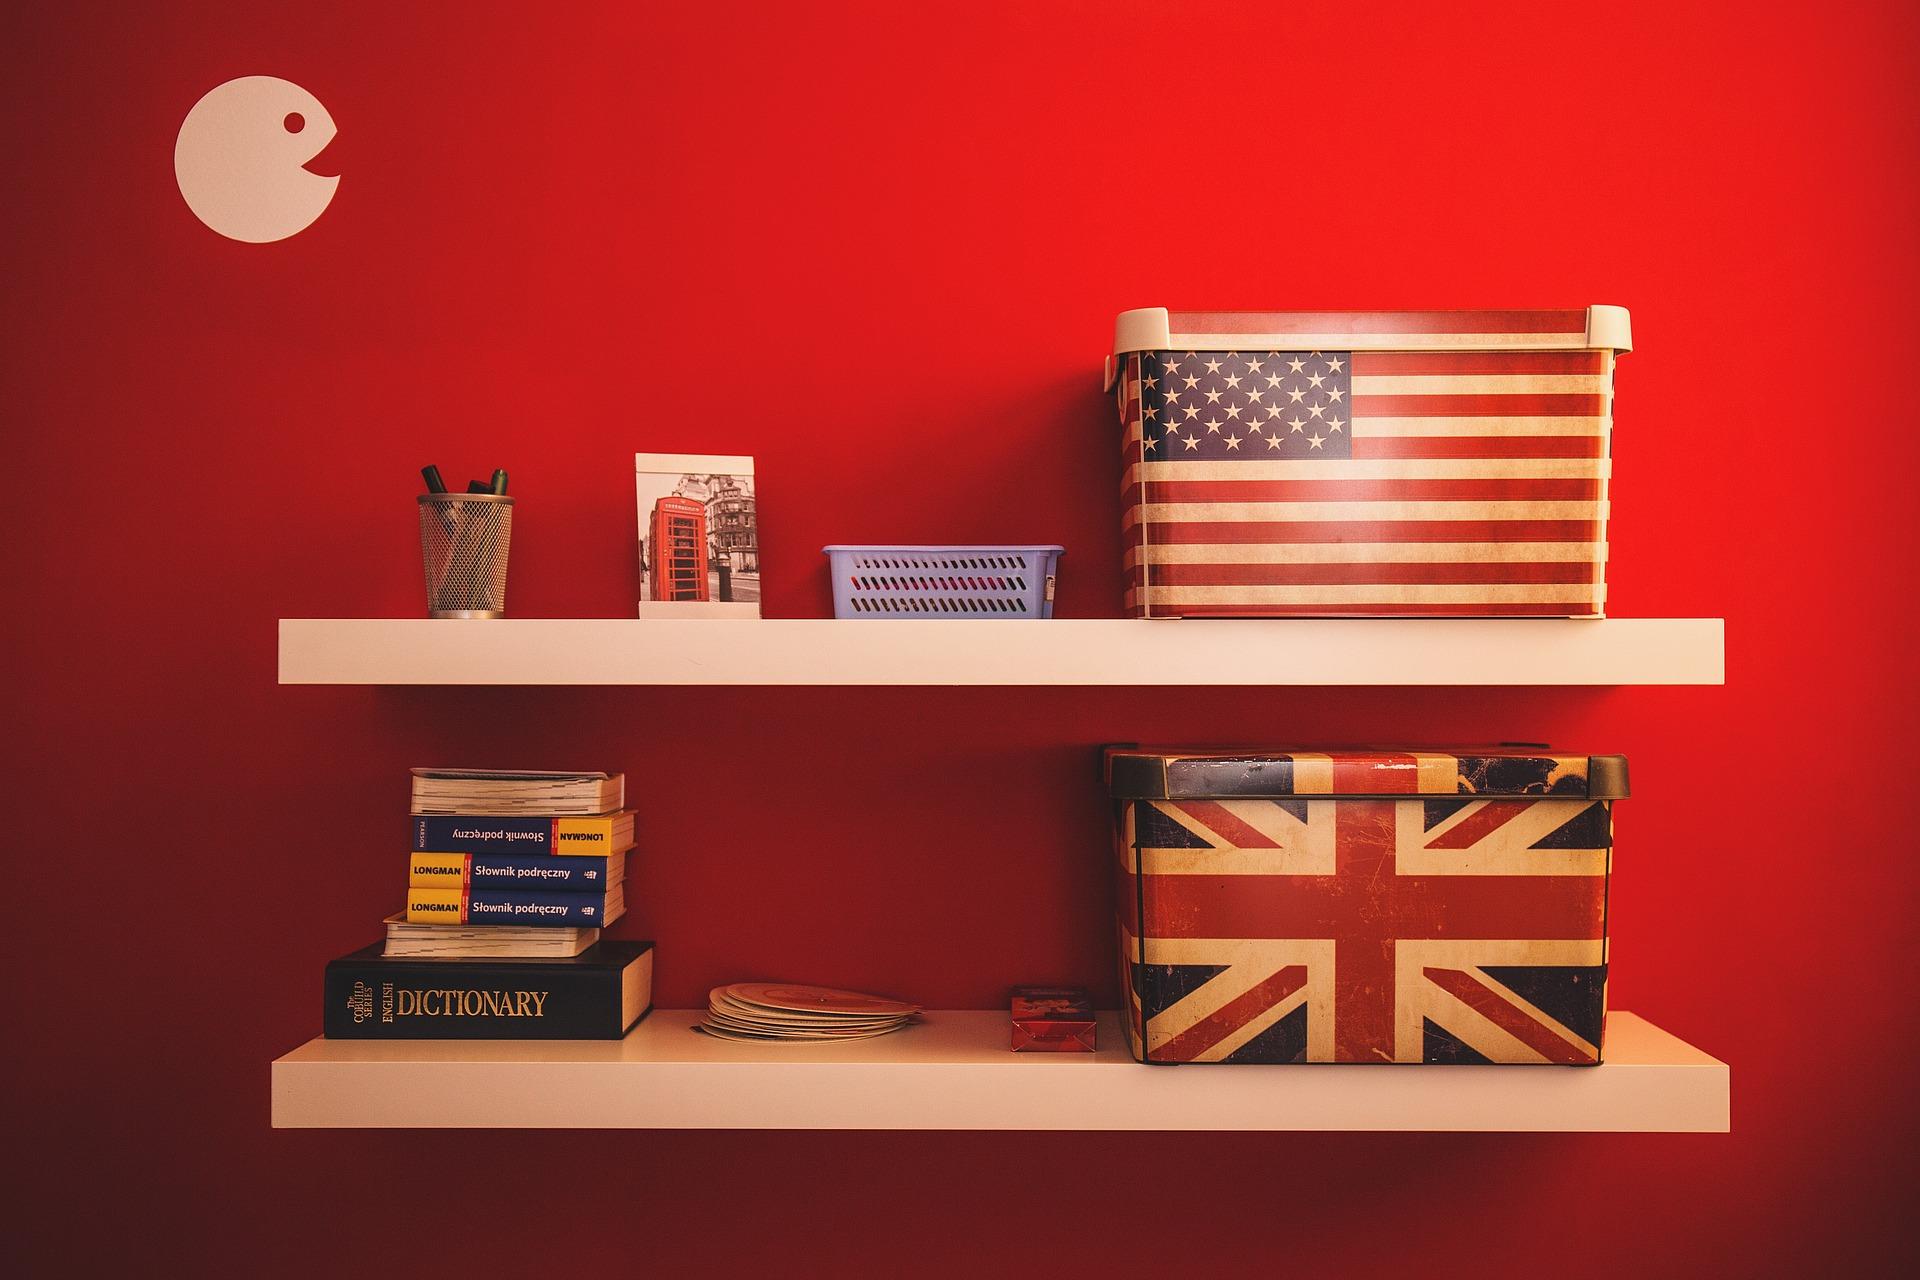 IX Powiatowy Konkurs Języka Angielskiego dla Klas Siódmych iÓsmych Szkół Podstawowych orazKlas Gimnazjalnych Południowej Wielkopolski